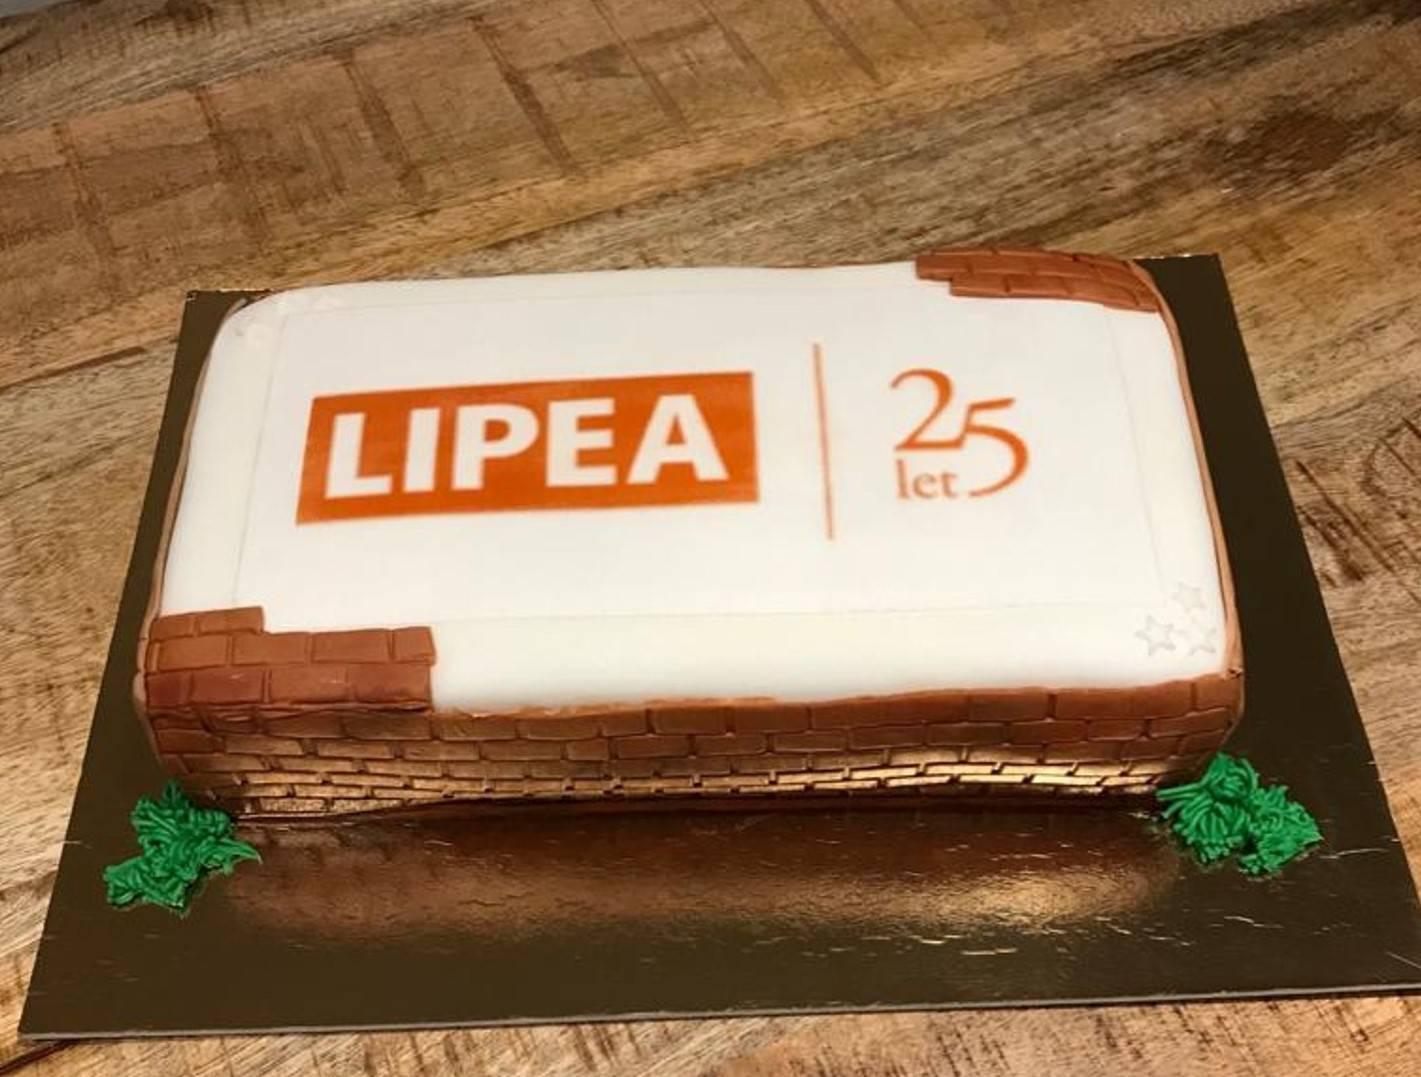 Oslava - LIPEA 25 let